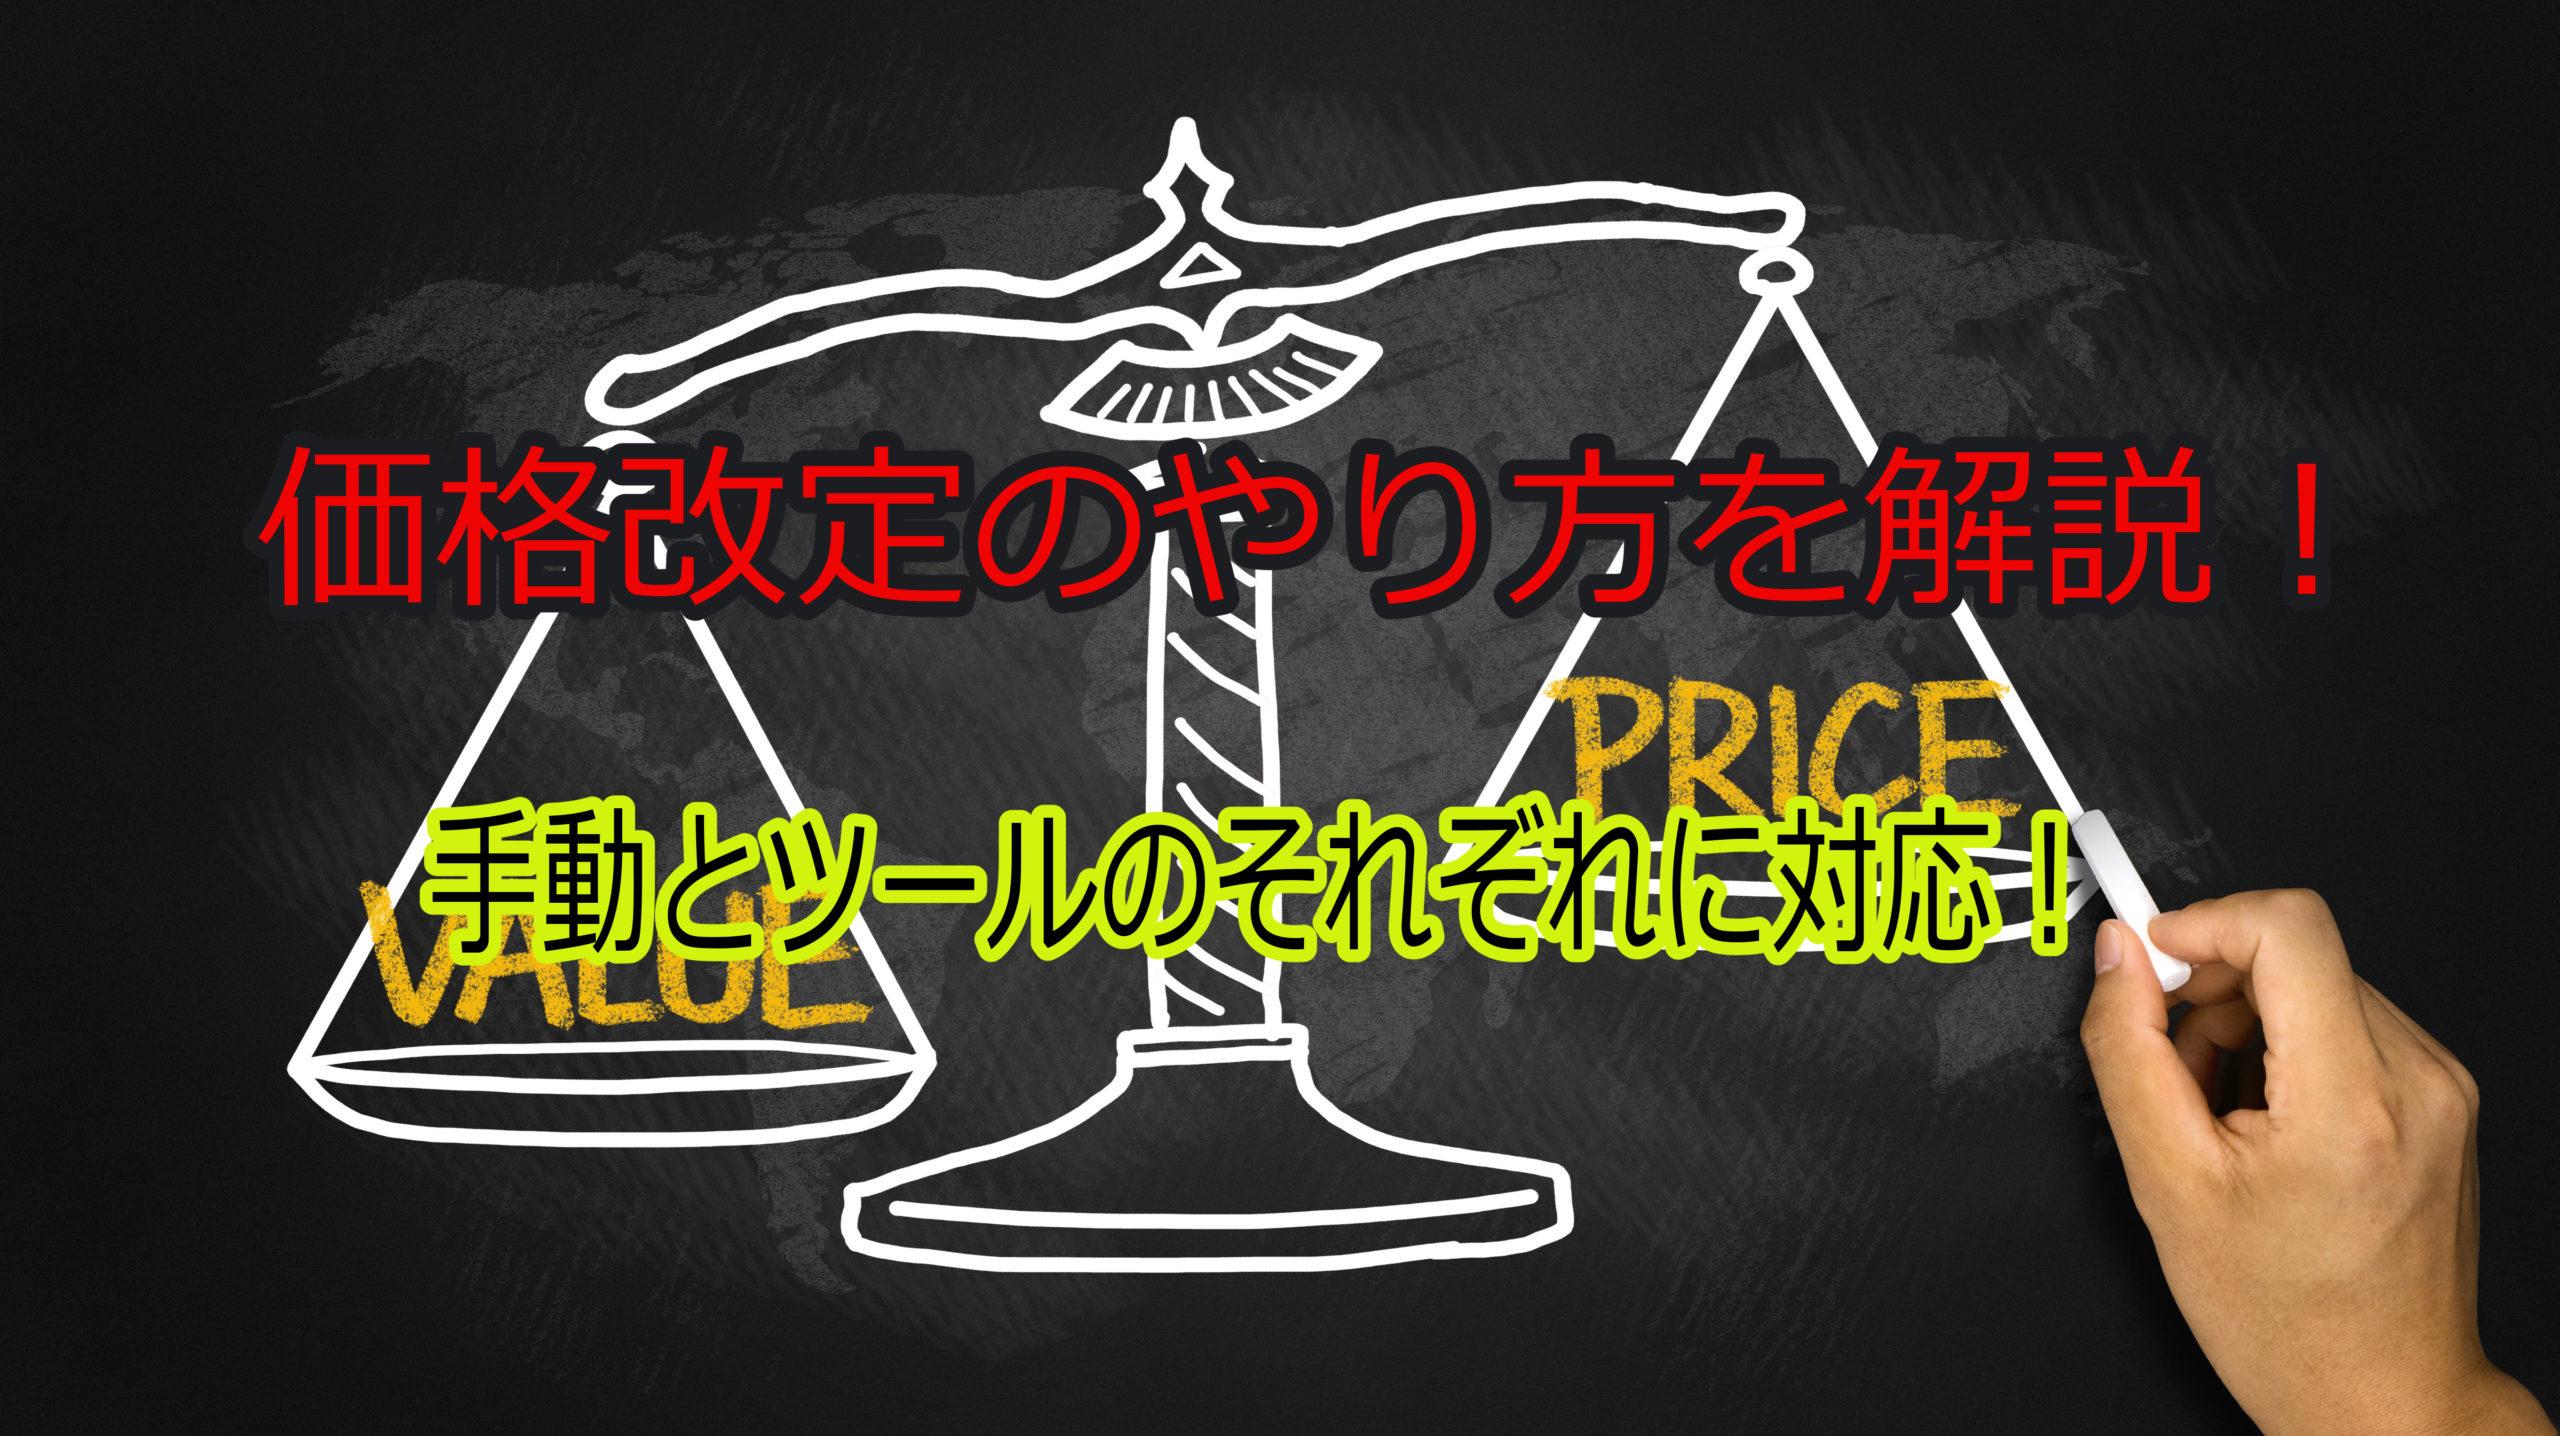 価格改定の画像